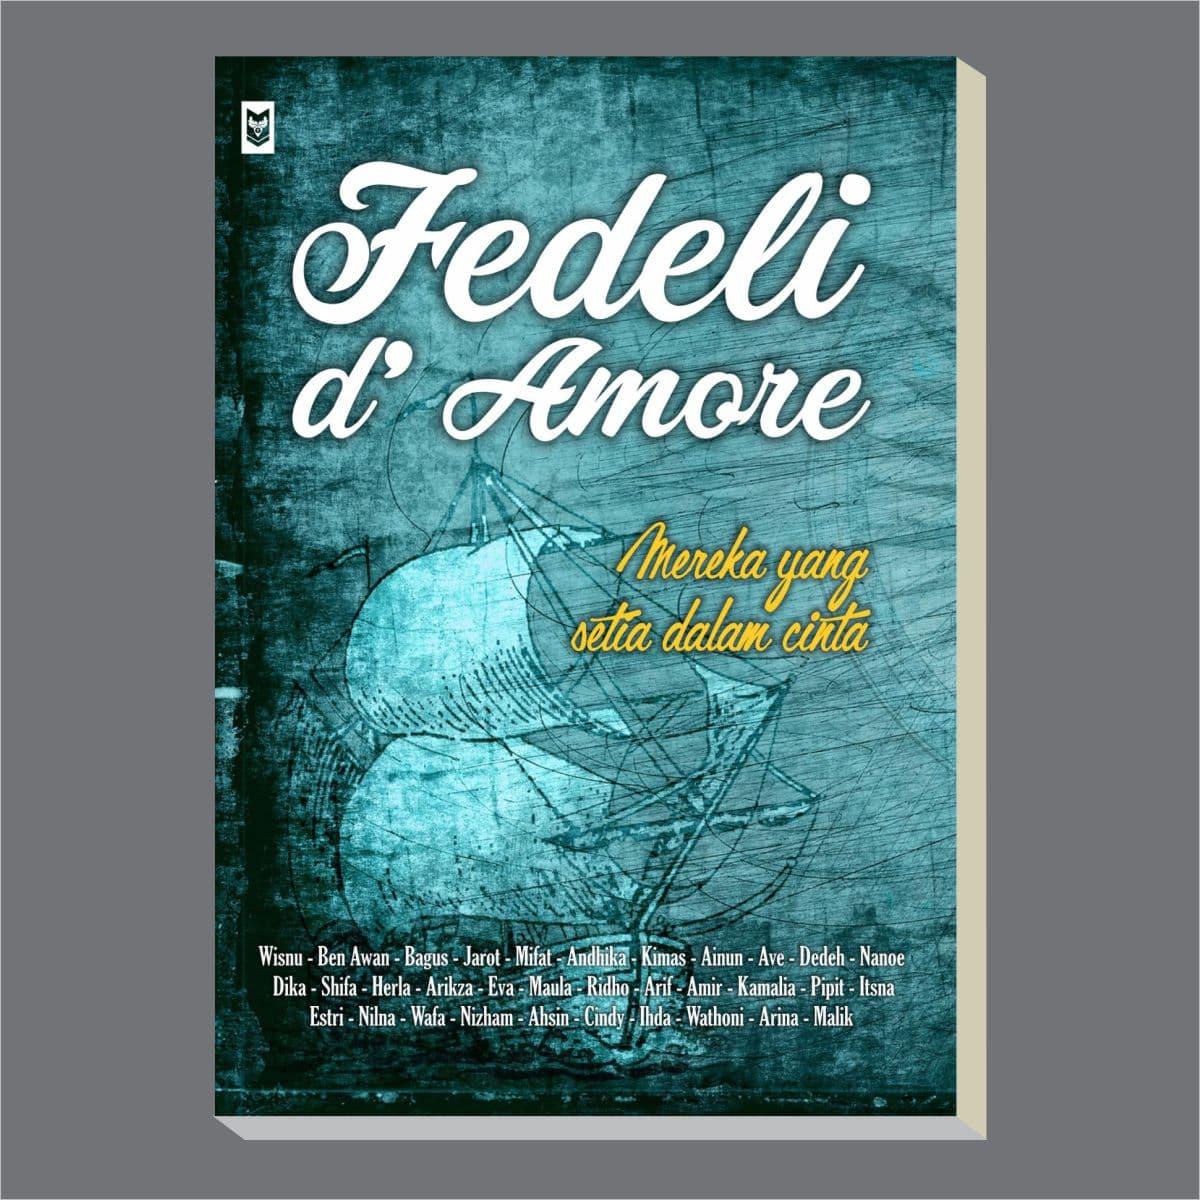 Fedeli De Amore: Mereka Yang Setia Dalam Cinta - Blanja.com